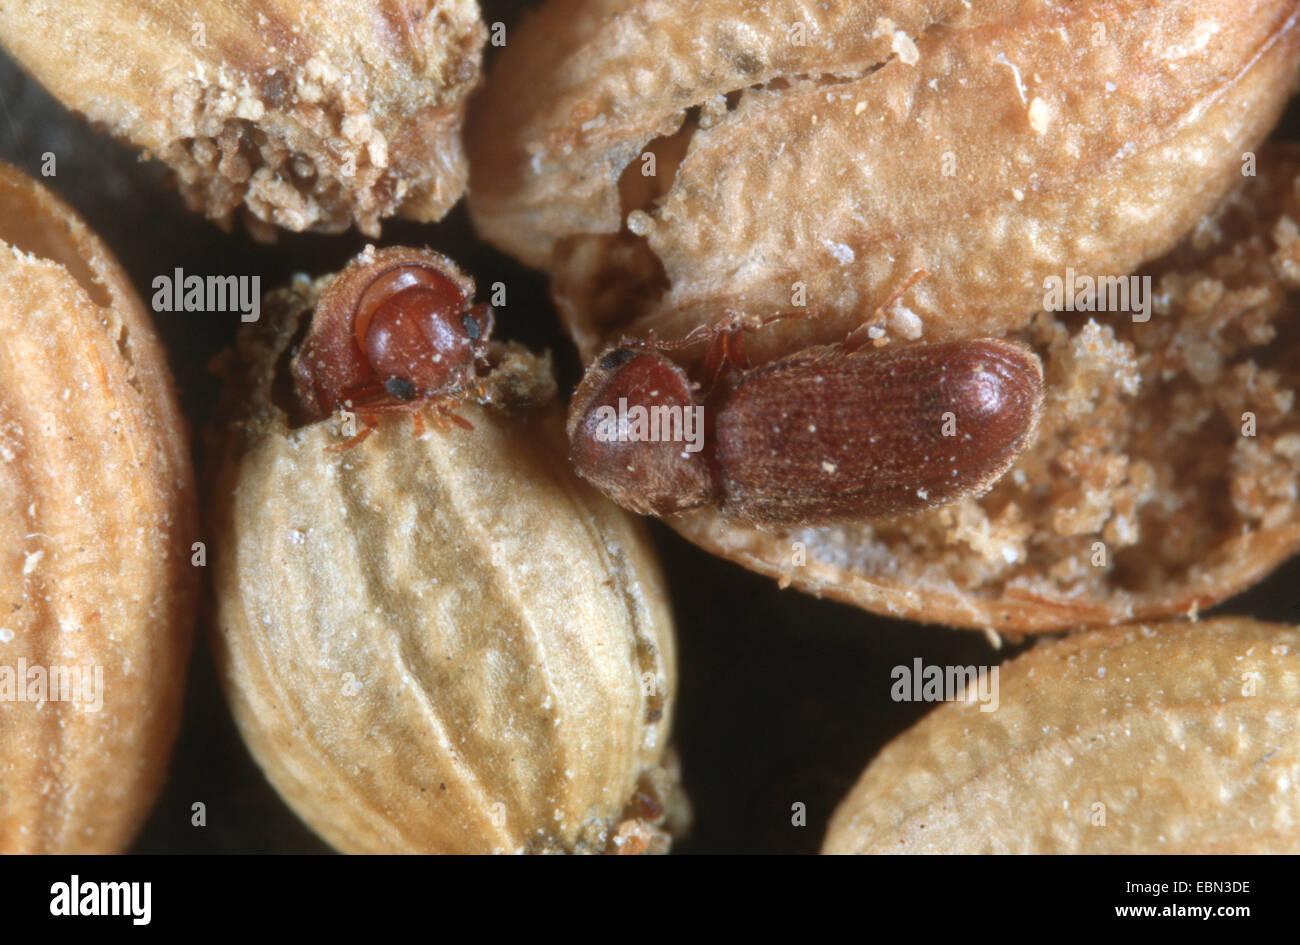 drugstore beetle, drug store weevil, biscuit beetle, bread beetle (Stegobium paniceum), beetles at coriander seed - Stock Image